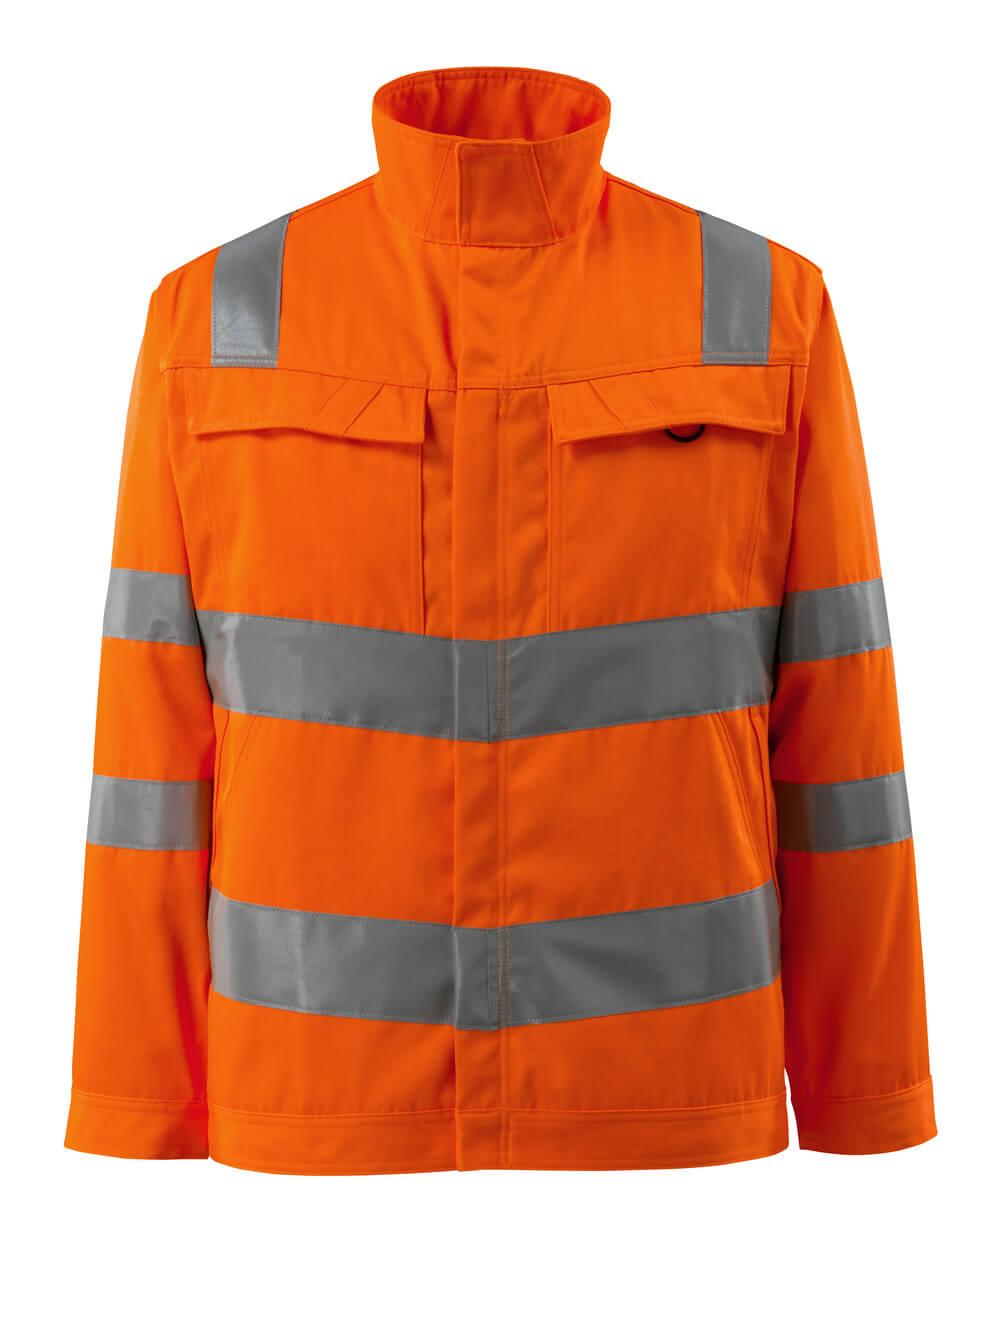 16909-860-14 Jakke - hi-vis oransje